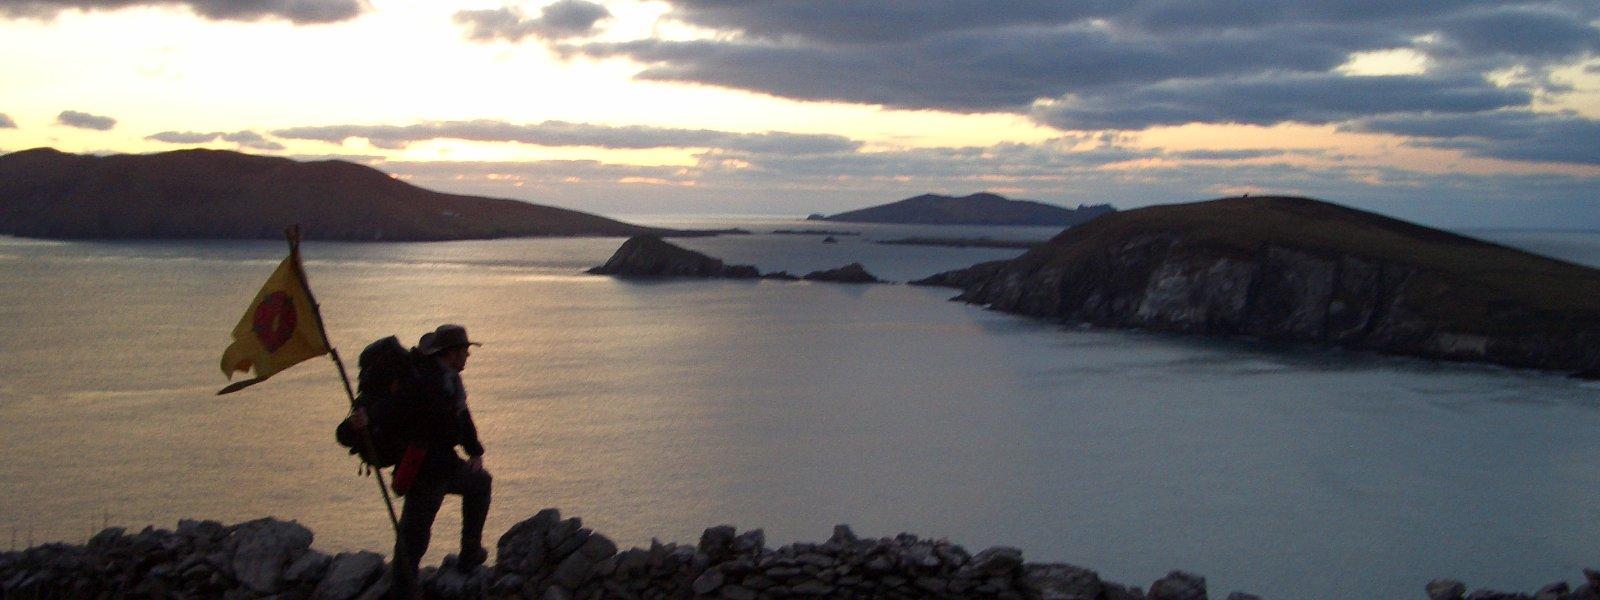 Sonnenuntergang am westlichsten Punkt Europas (Irland 2008)